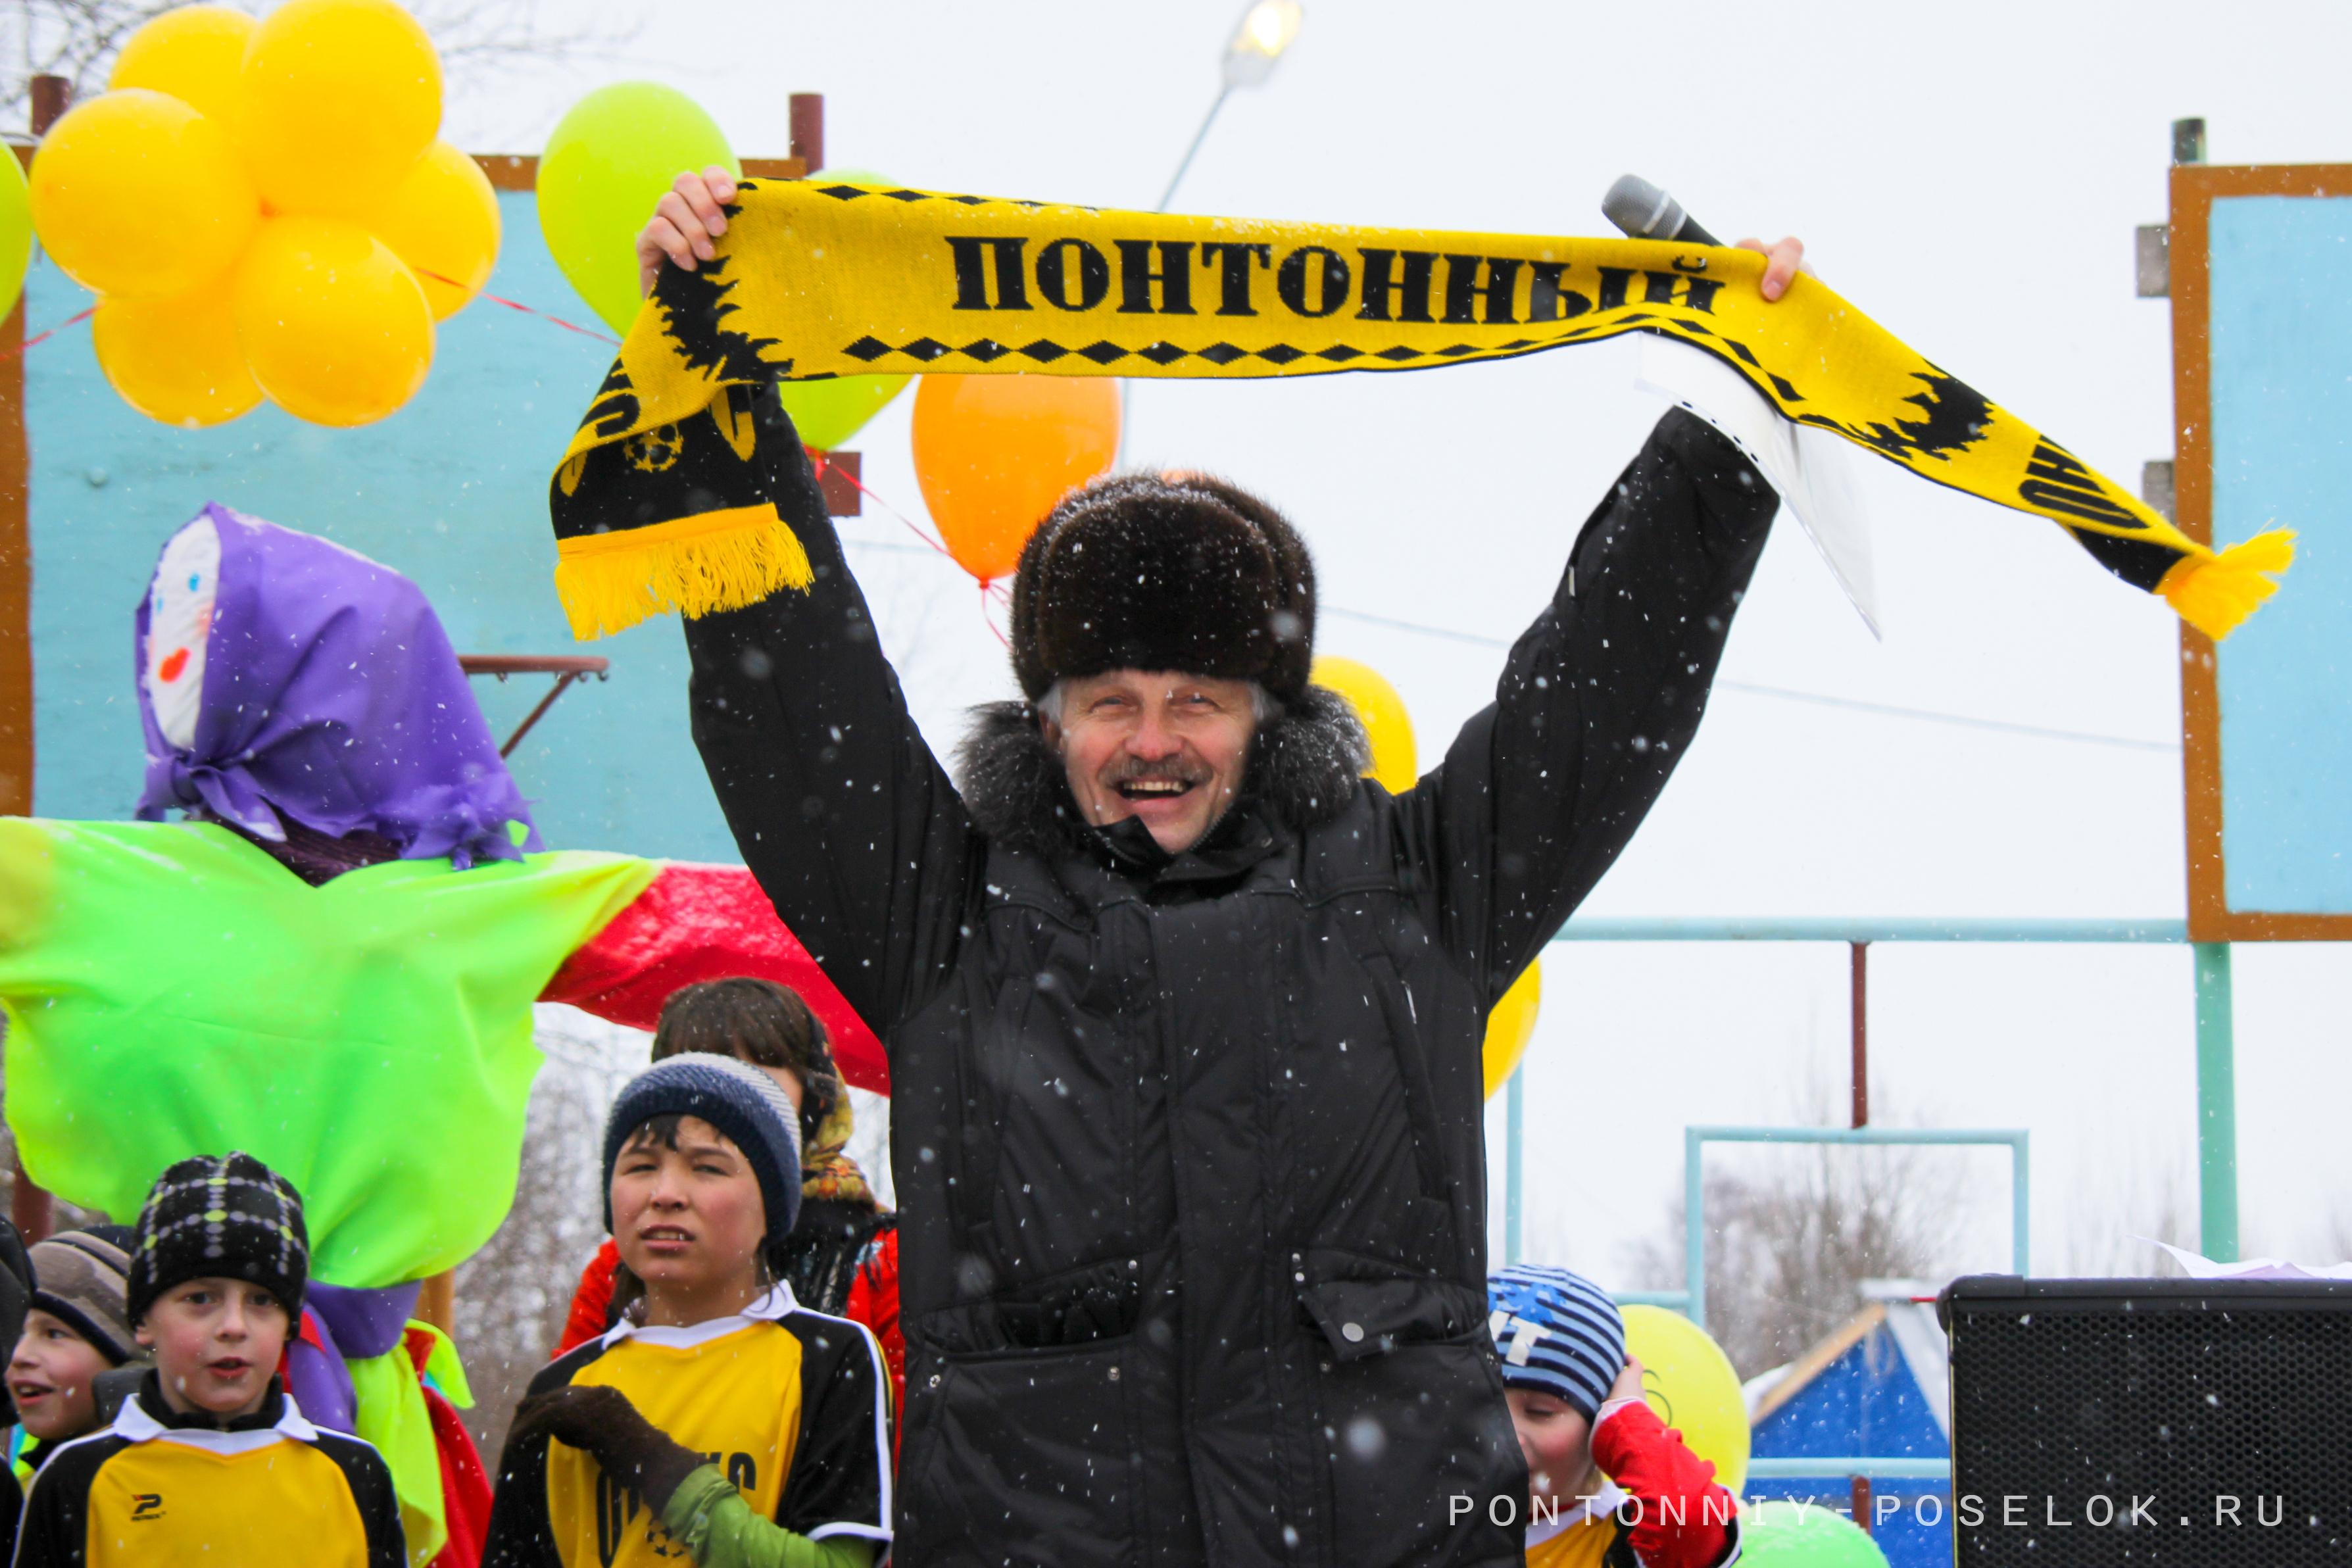 Масленица 2012 - Фото-отчёт - 4 Марта 2012 - Неофициальный ...: http://pontonniy-poselok.ru/news/maslenica_2012_foto_otchjot/2012-03-04-567